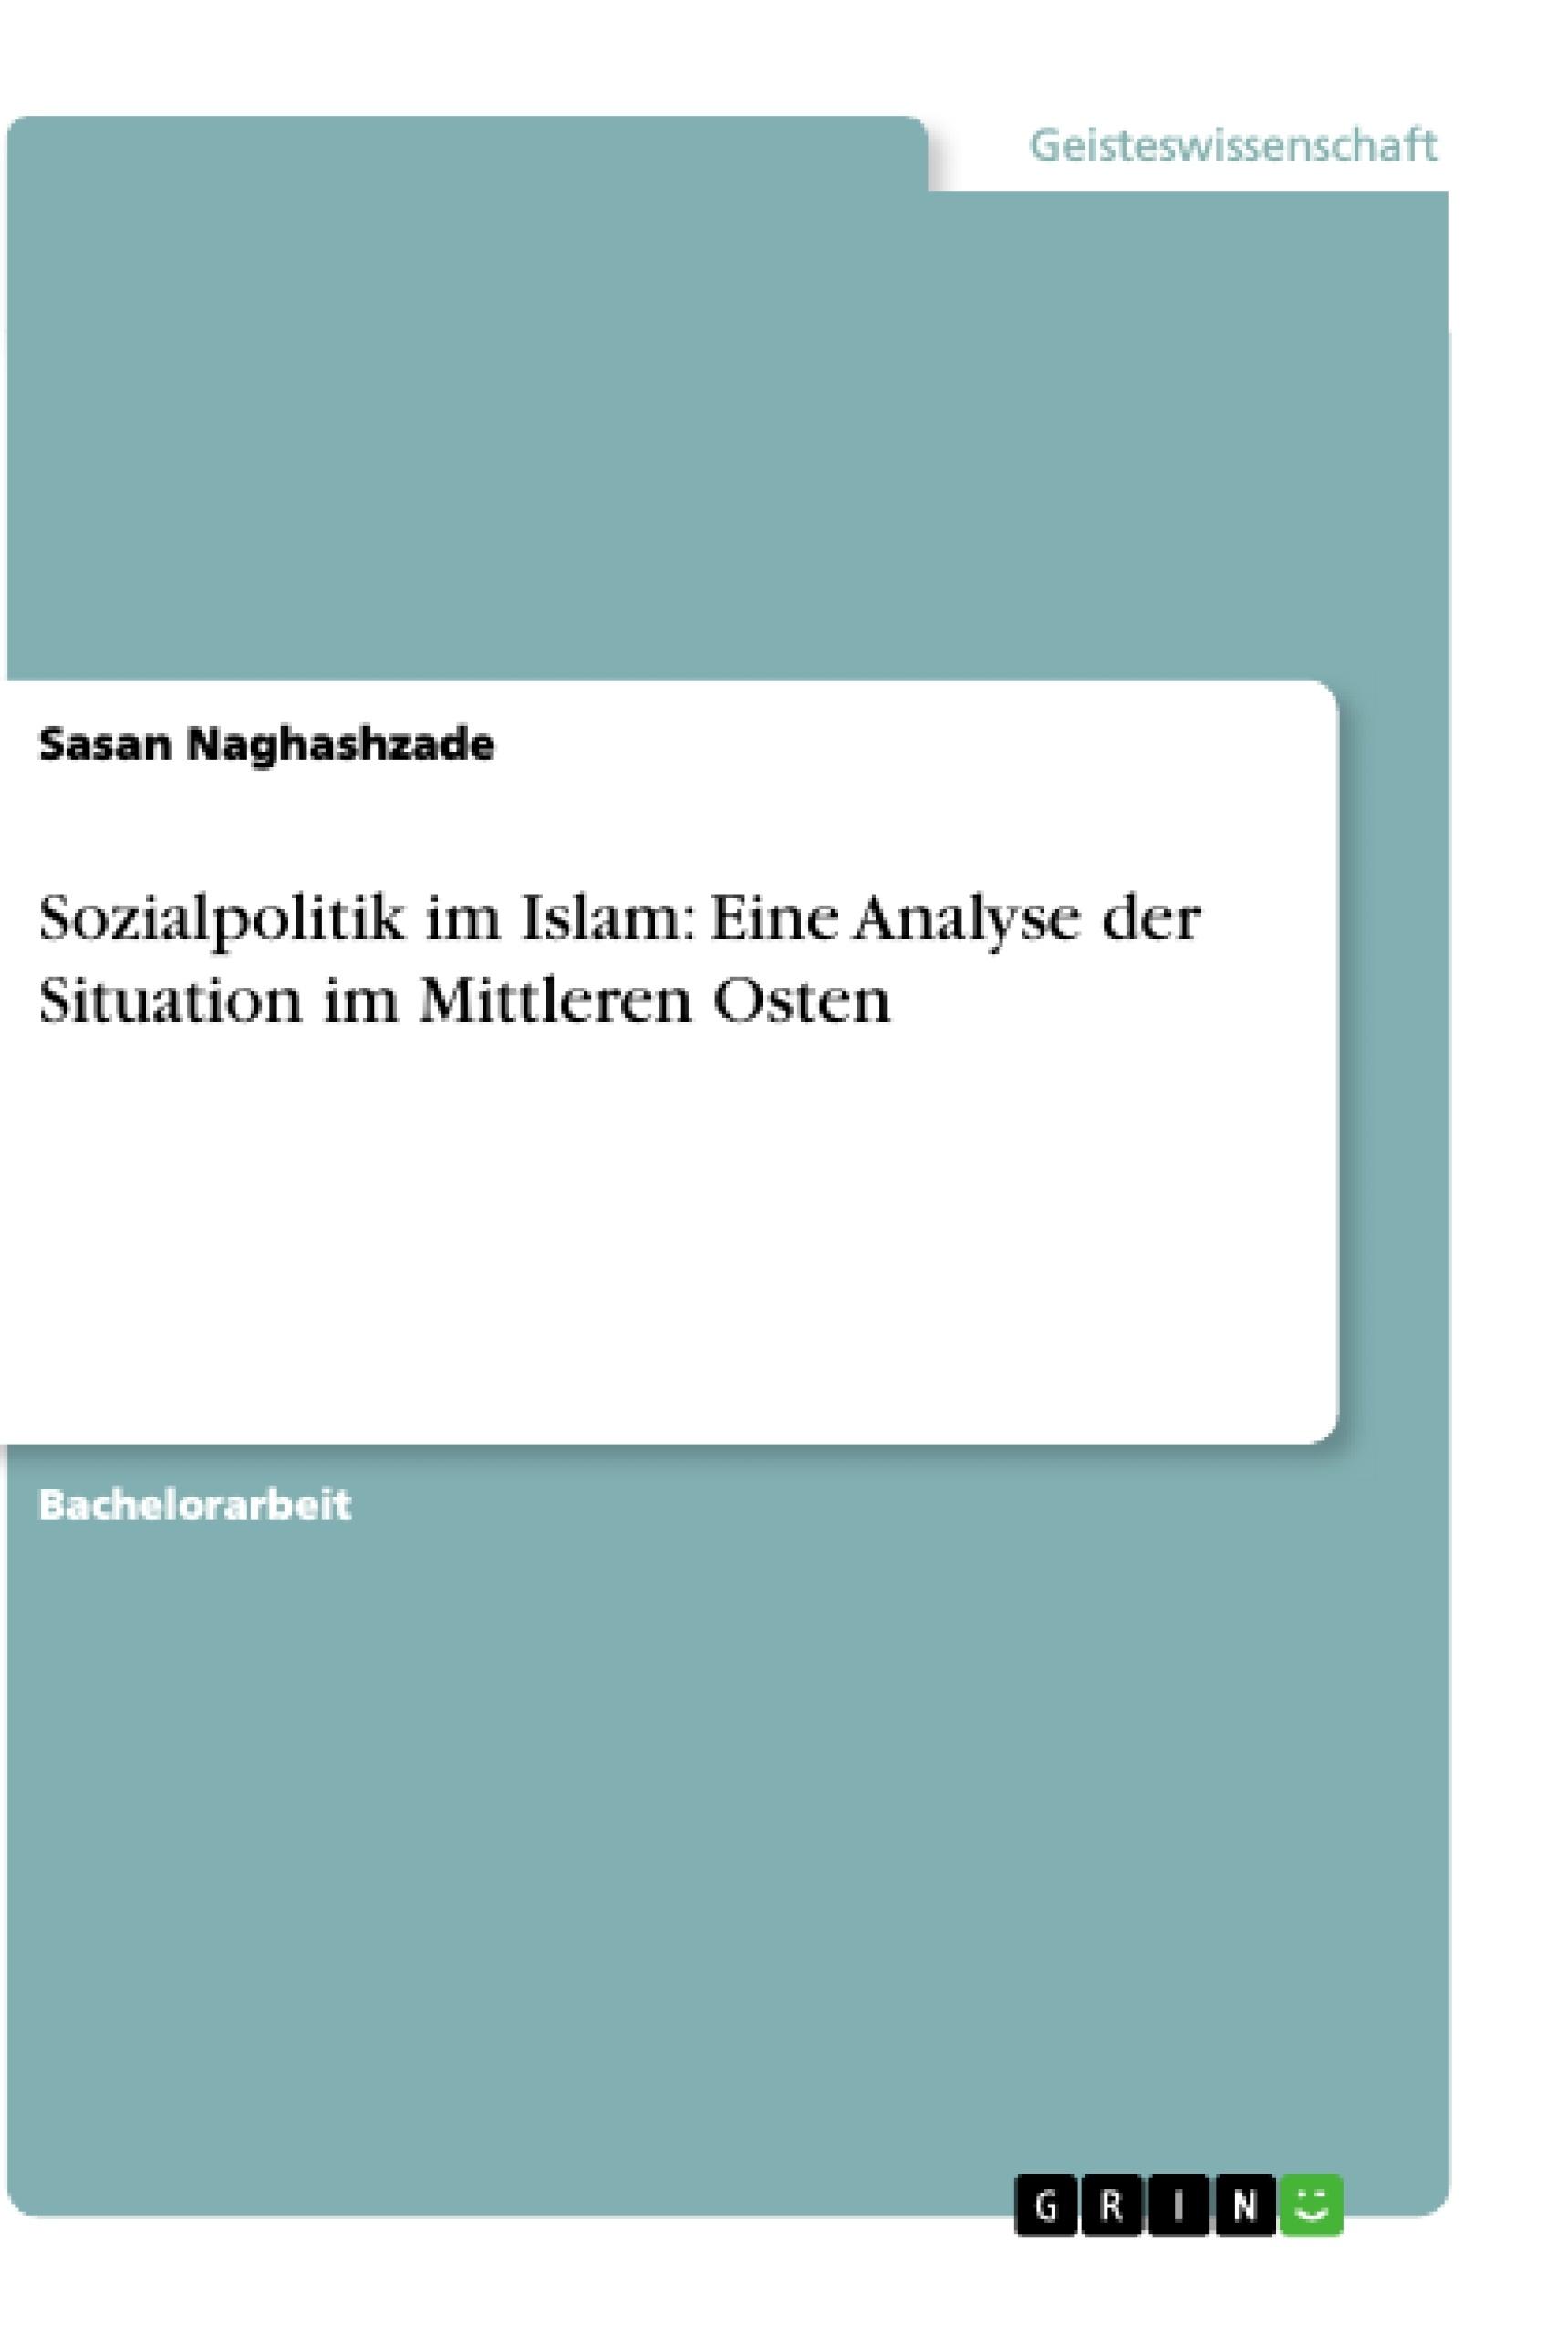 Titel: Sozialpolitik im Islam: Eine Analyse der Situation im Mittleren Osten